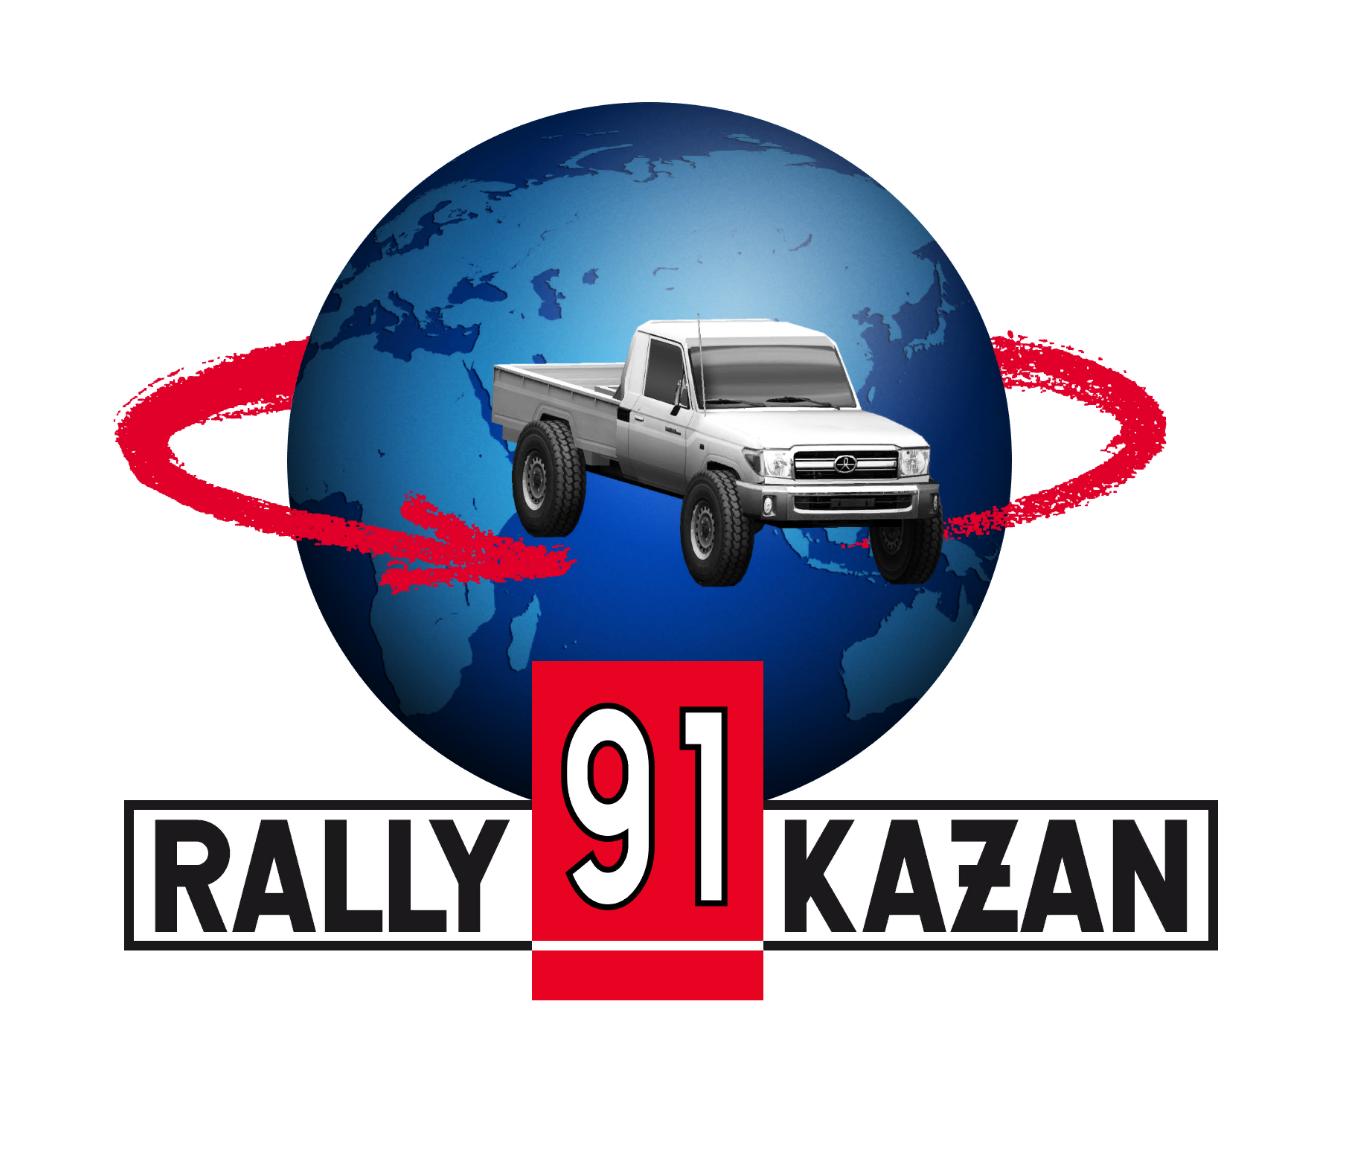 Rally Kazan '91